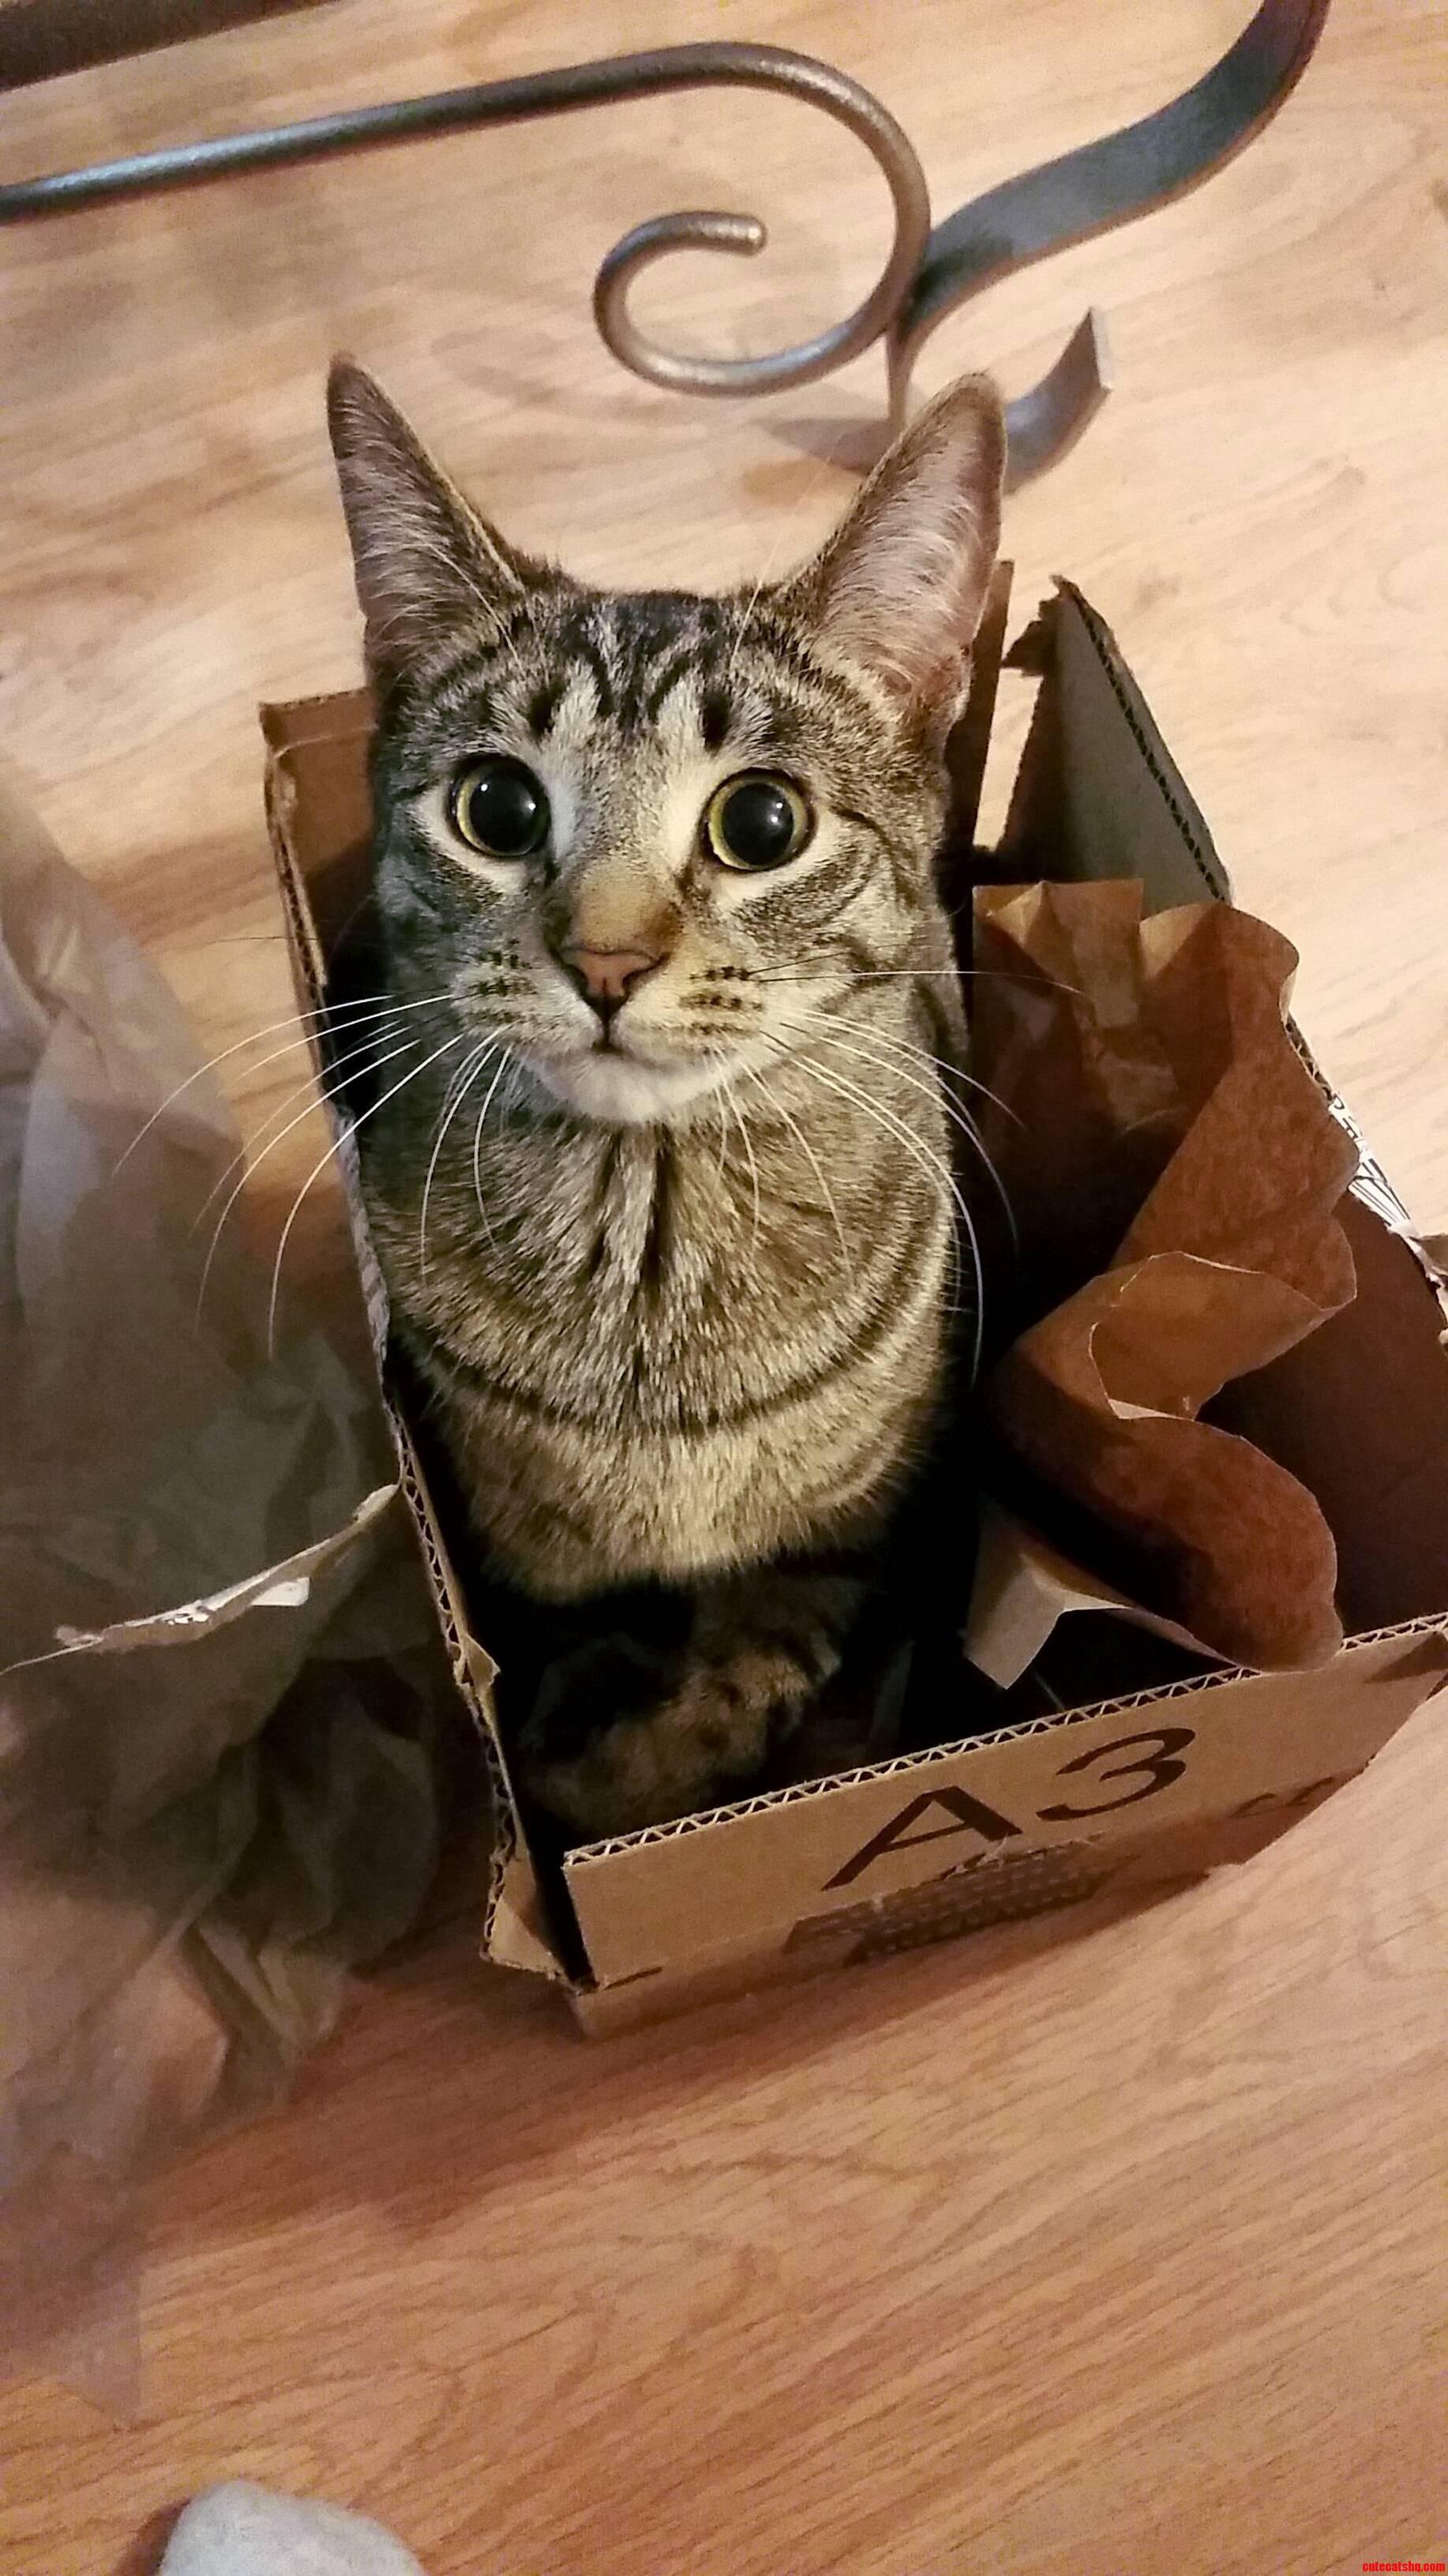 My little amazon box loving kitty. 3